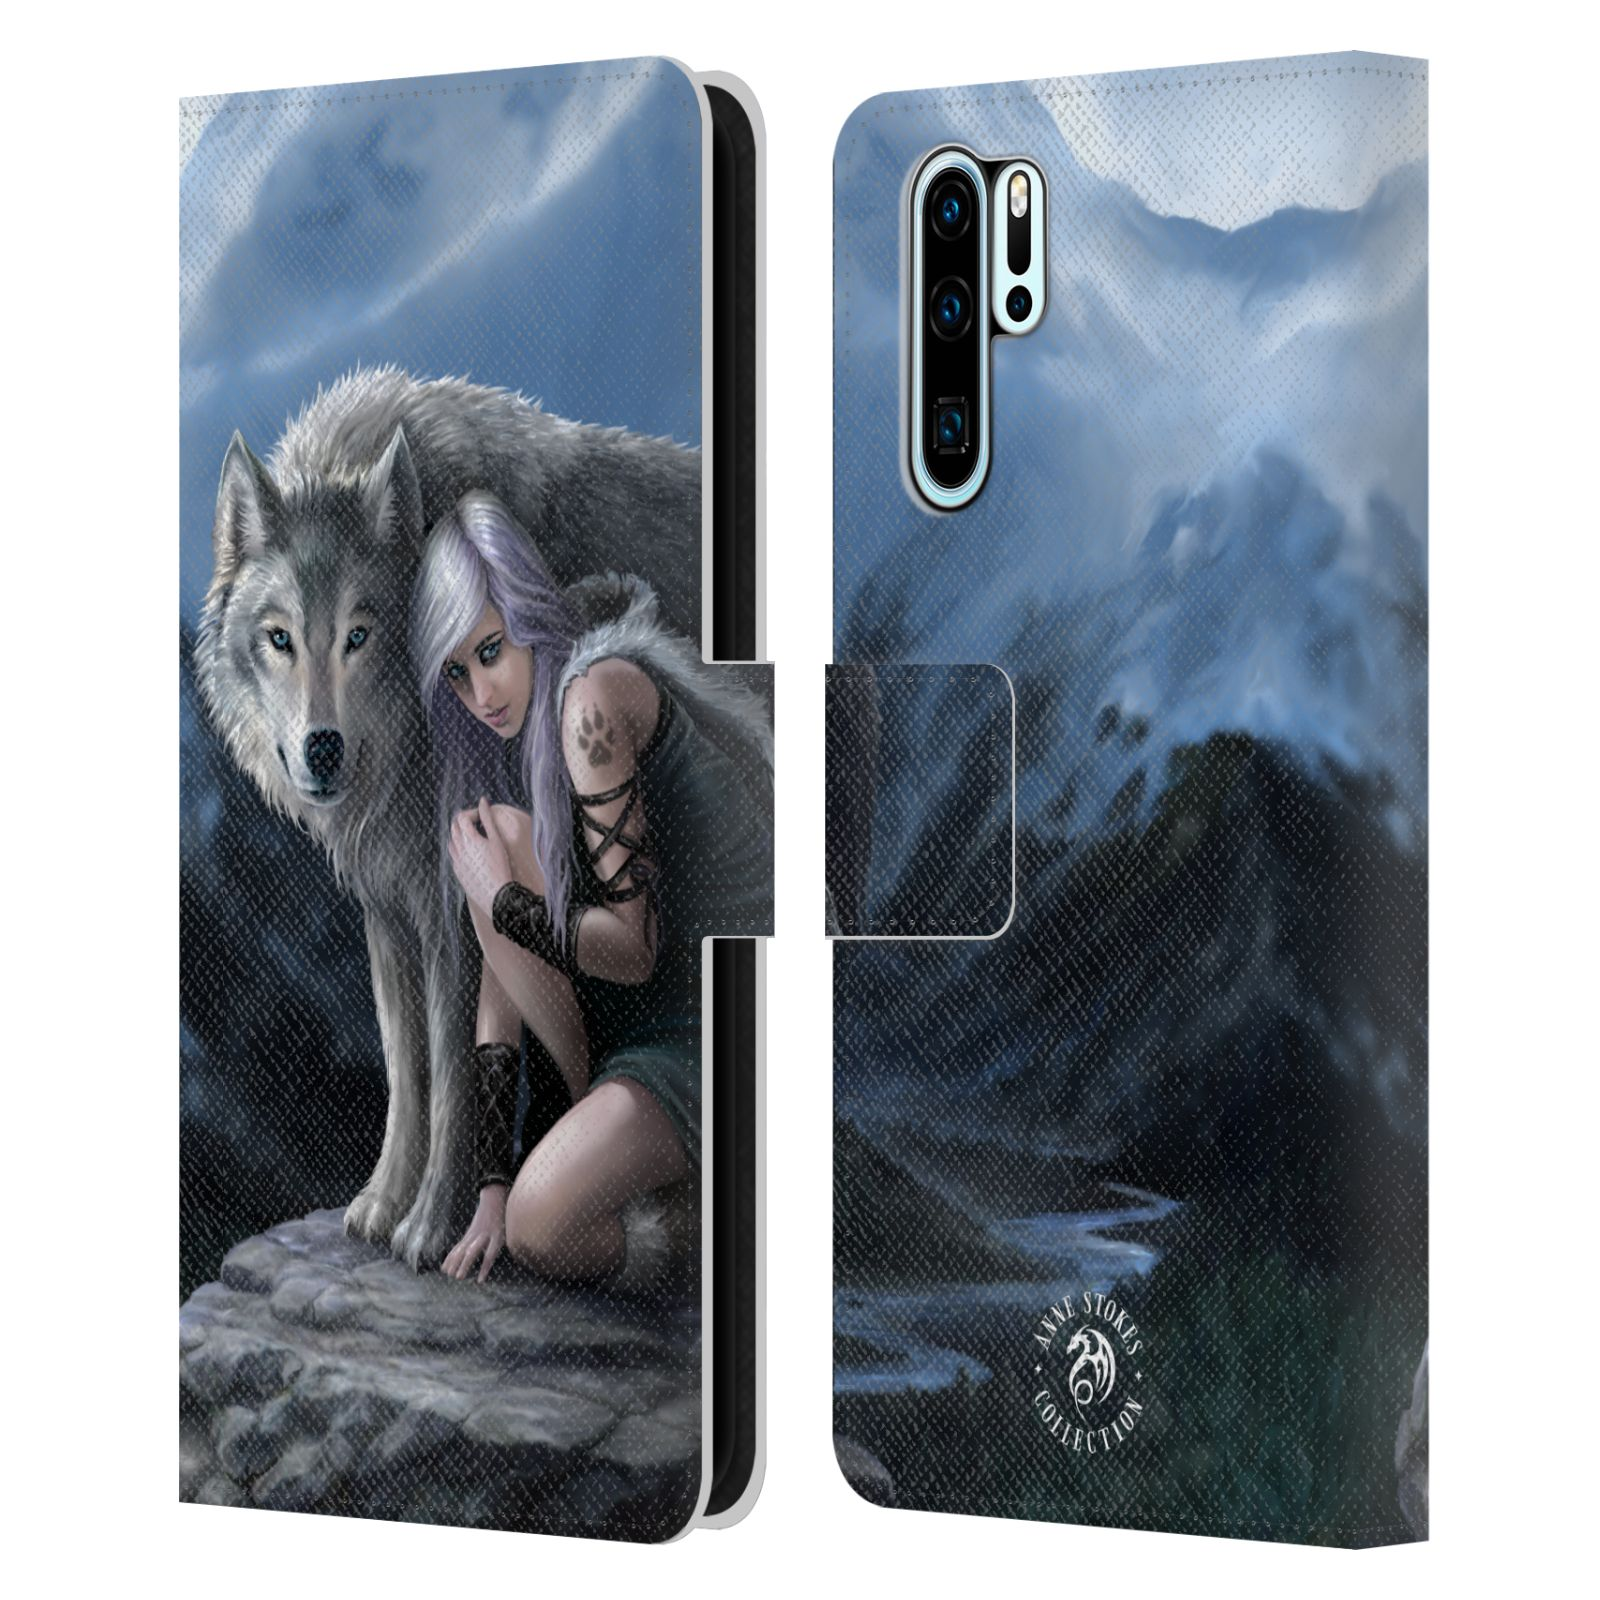 Pouzdro na mobil Huawei P30 PRO - Head Case - fantasy - vlk ochránce